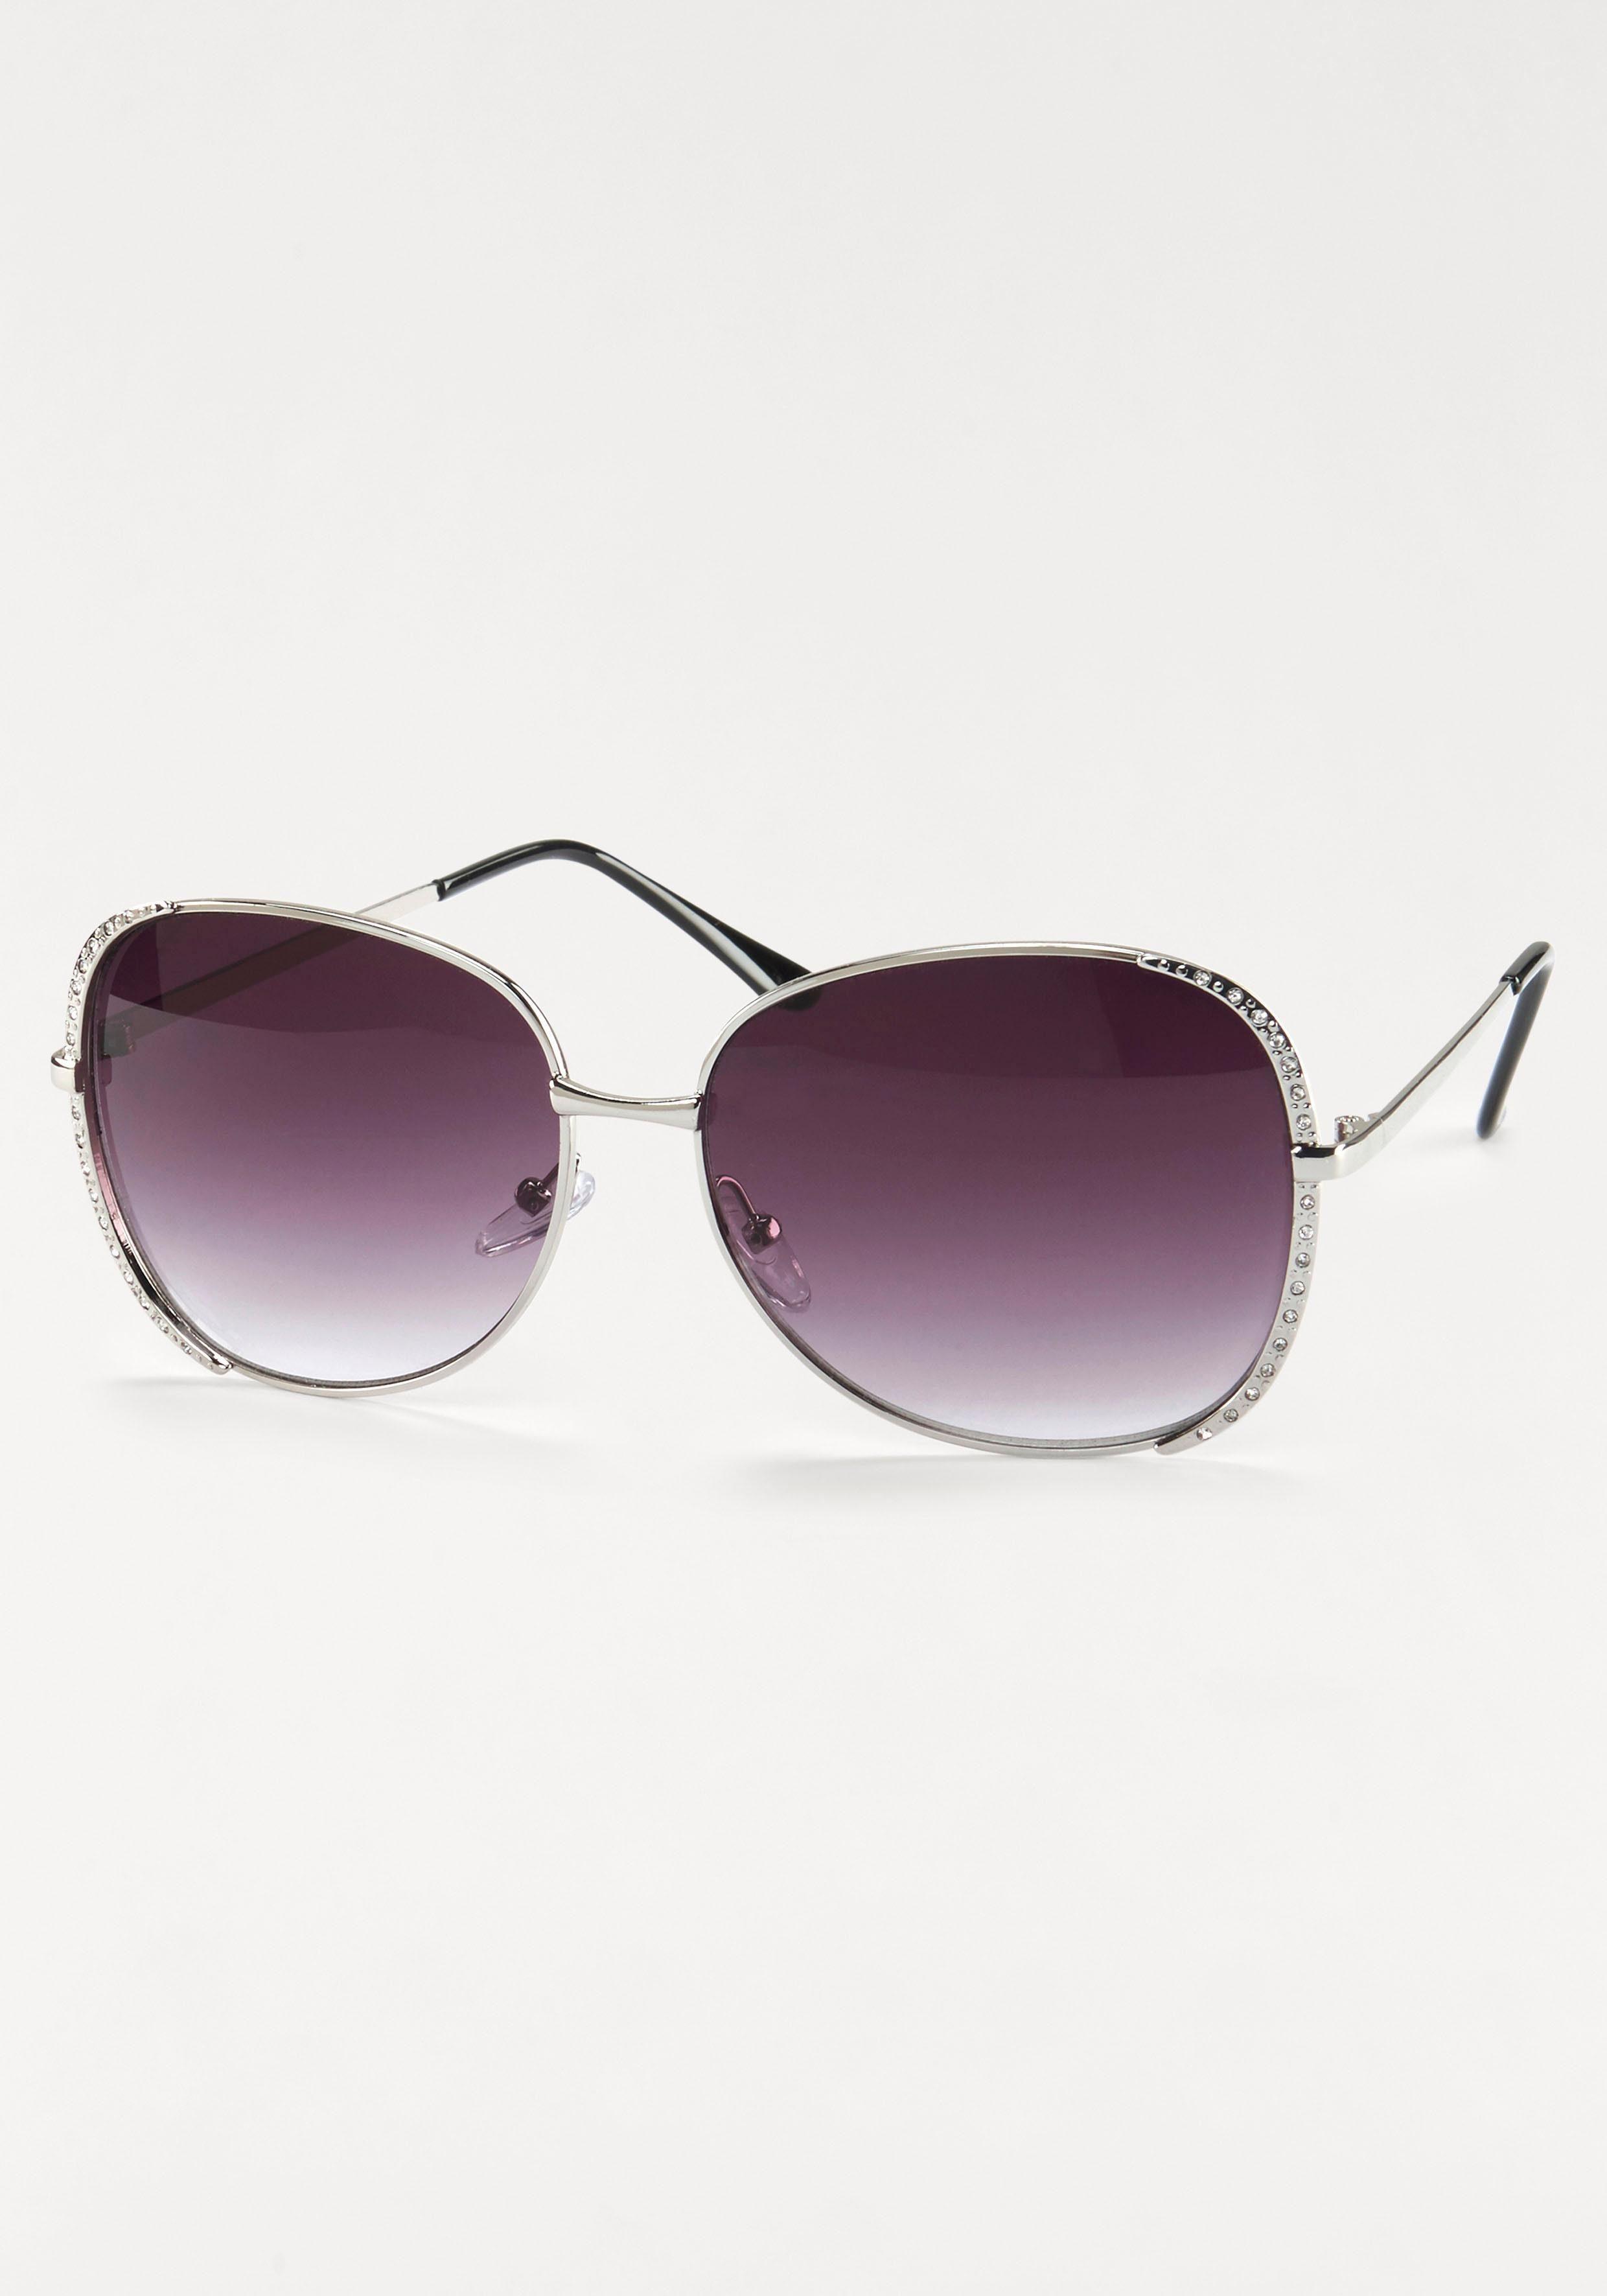 BACK IN BLACK Eyewear Sonnenbrille, Aviator Style, verspiegelte Gläser, Pilotform, silberfarben, silberfarben